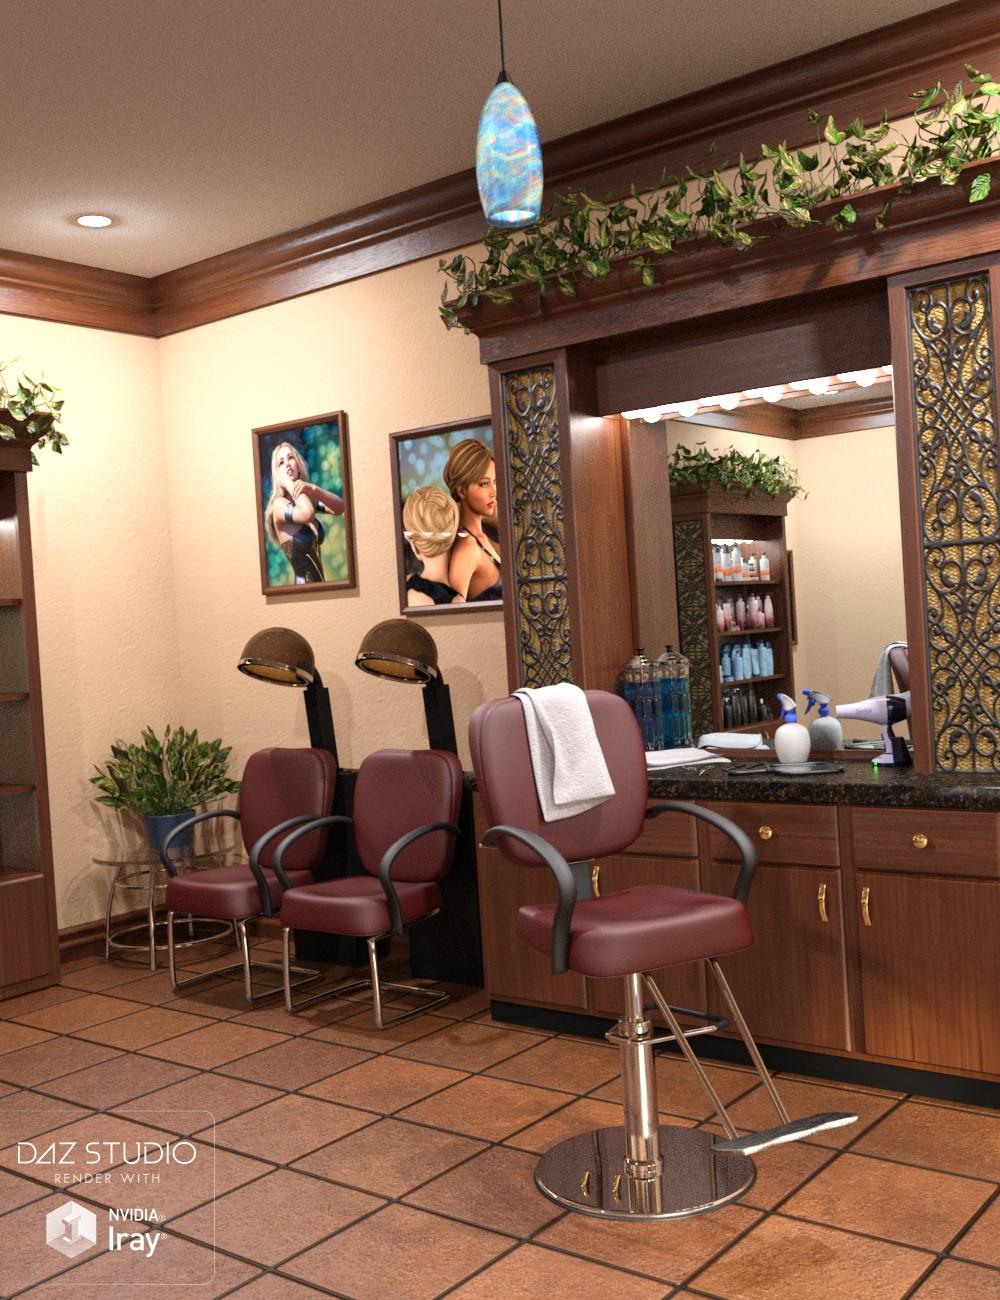 Download daz studio 3 for free daz 3d chez lucille for A daz l salon beauty supply